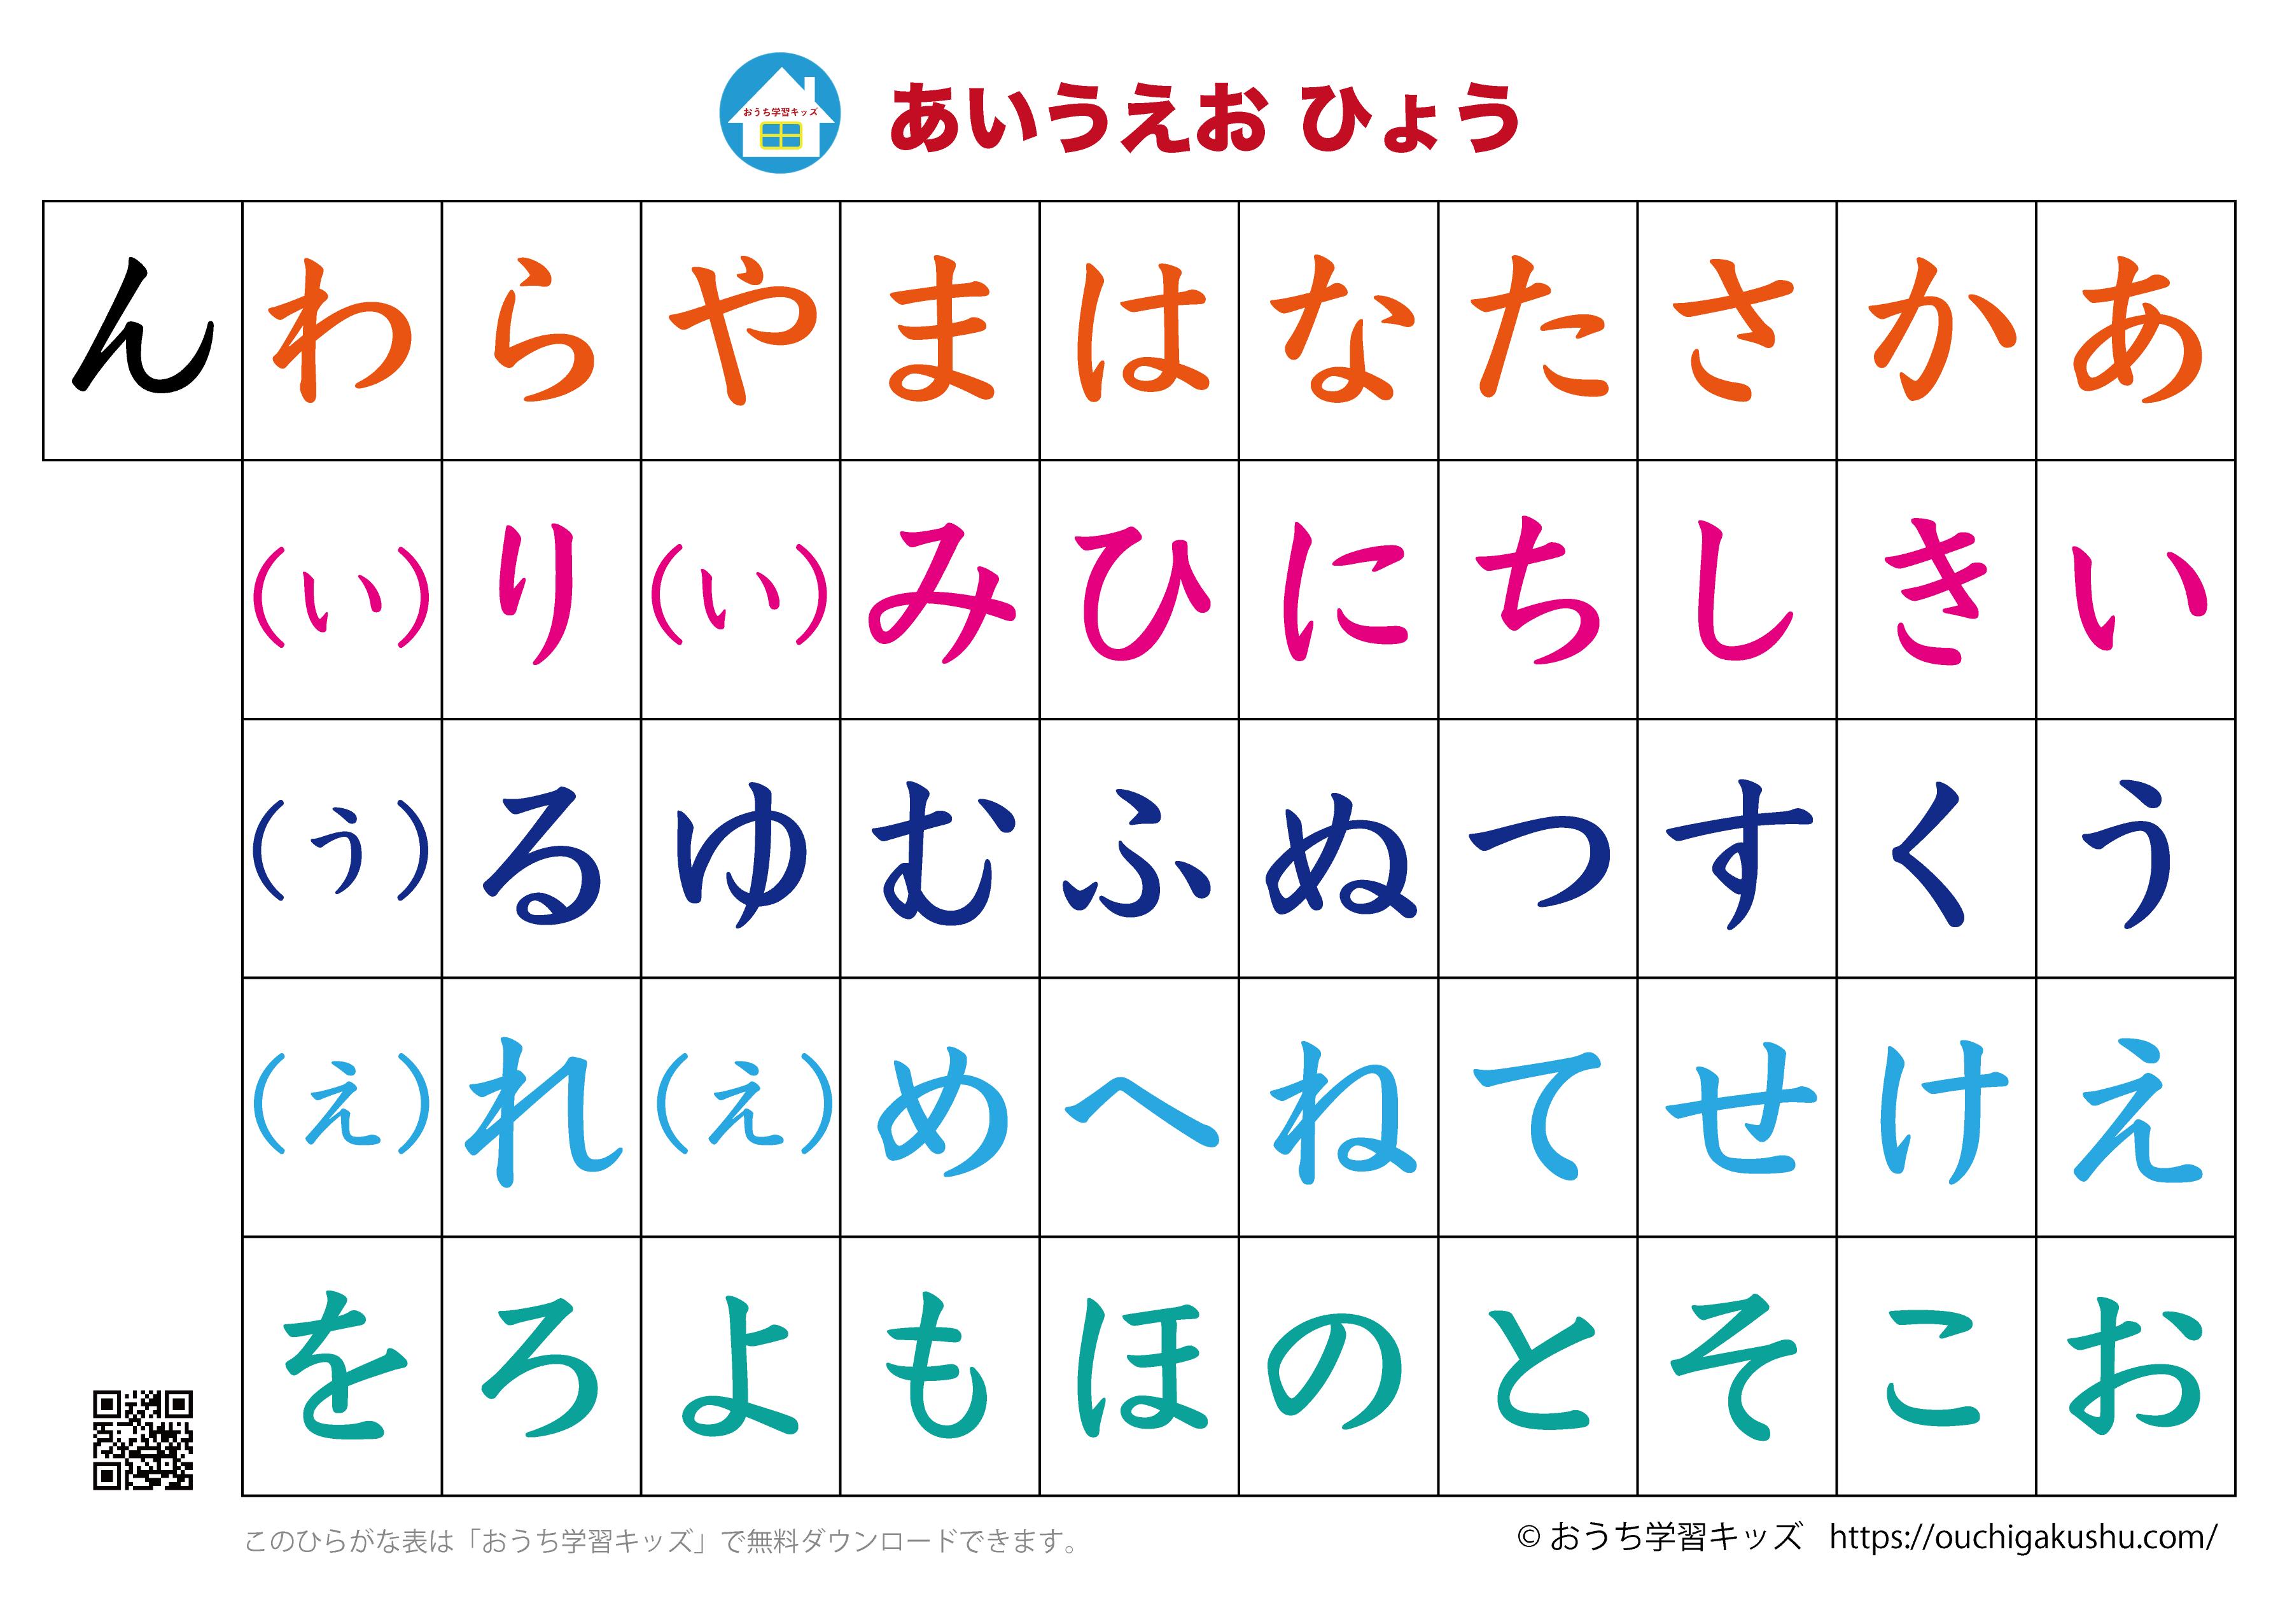 あいうえお表(ひらがな表)シンプル文字のみ、やいゆえよ・わいうえを版、段ごとに色付き